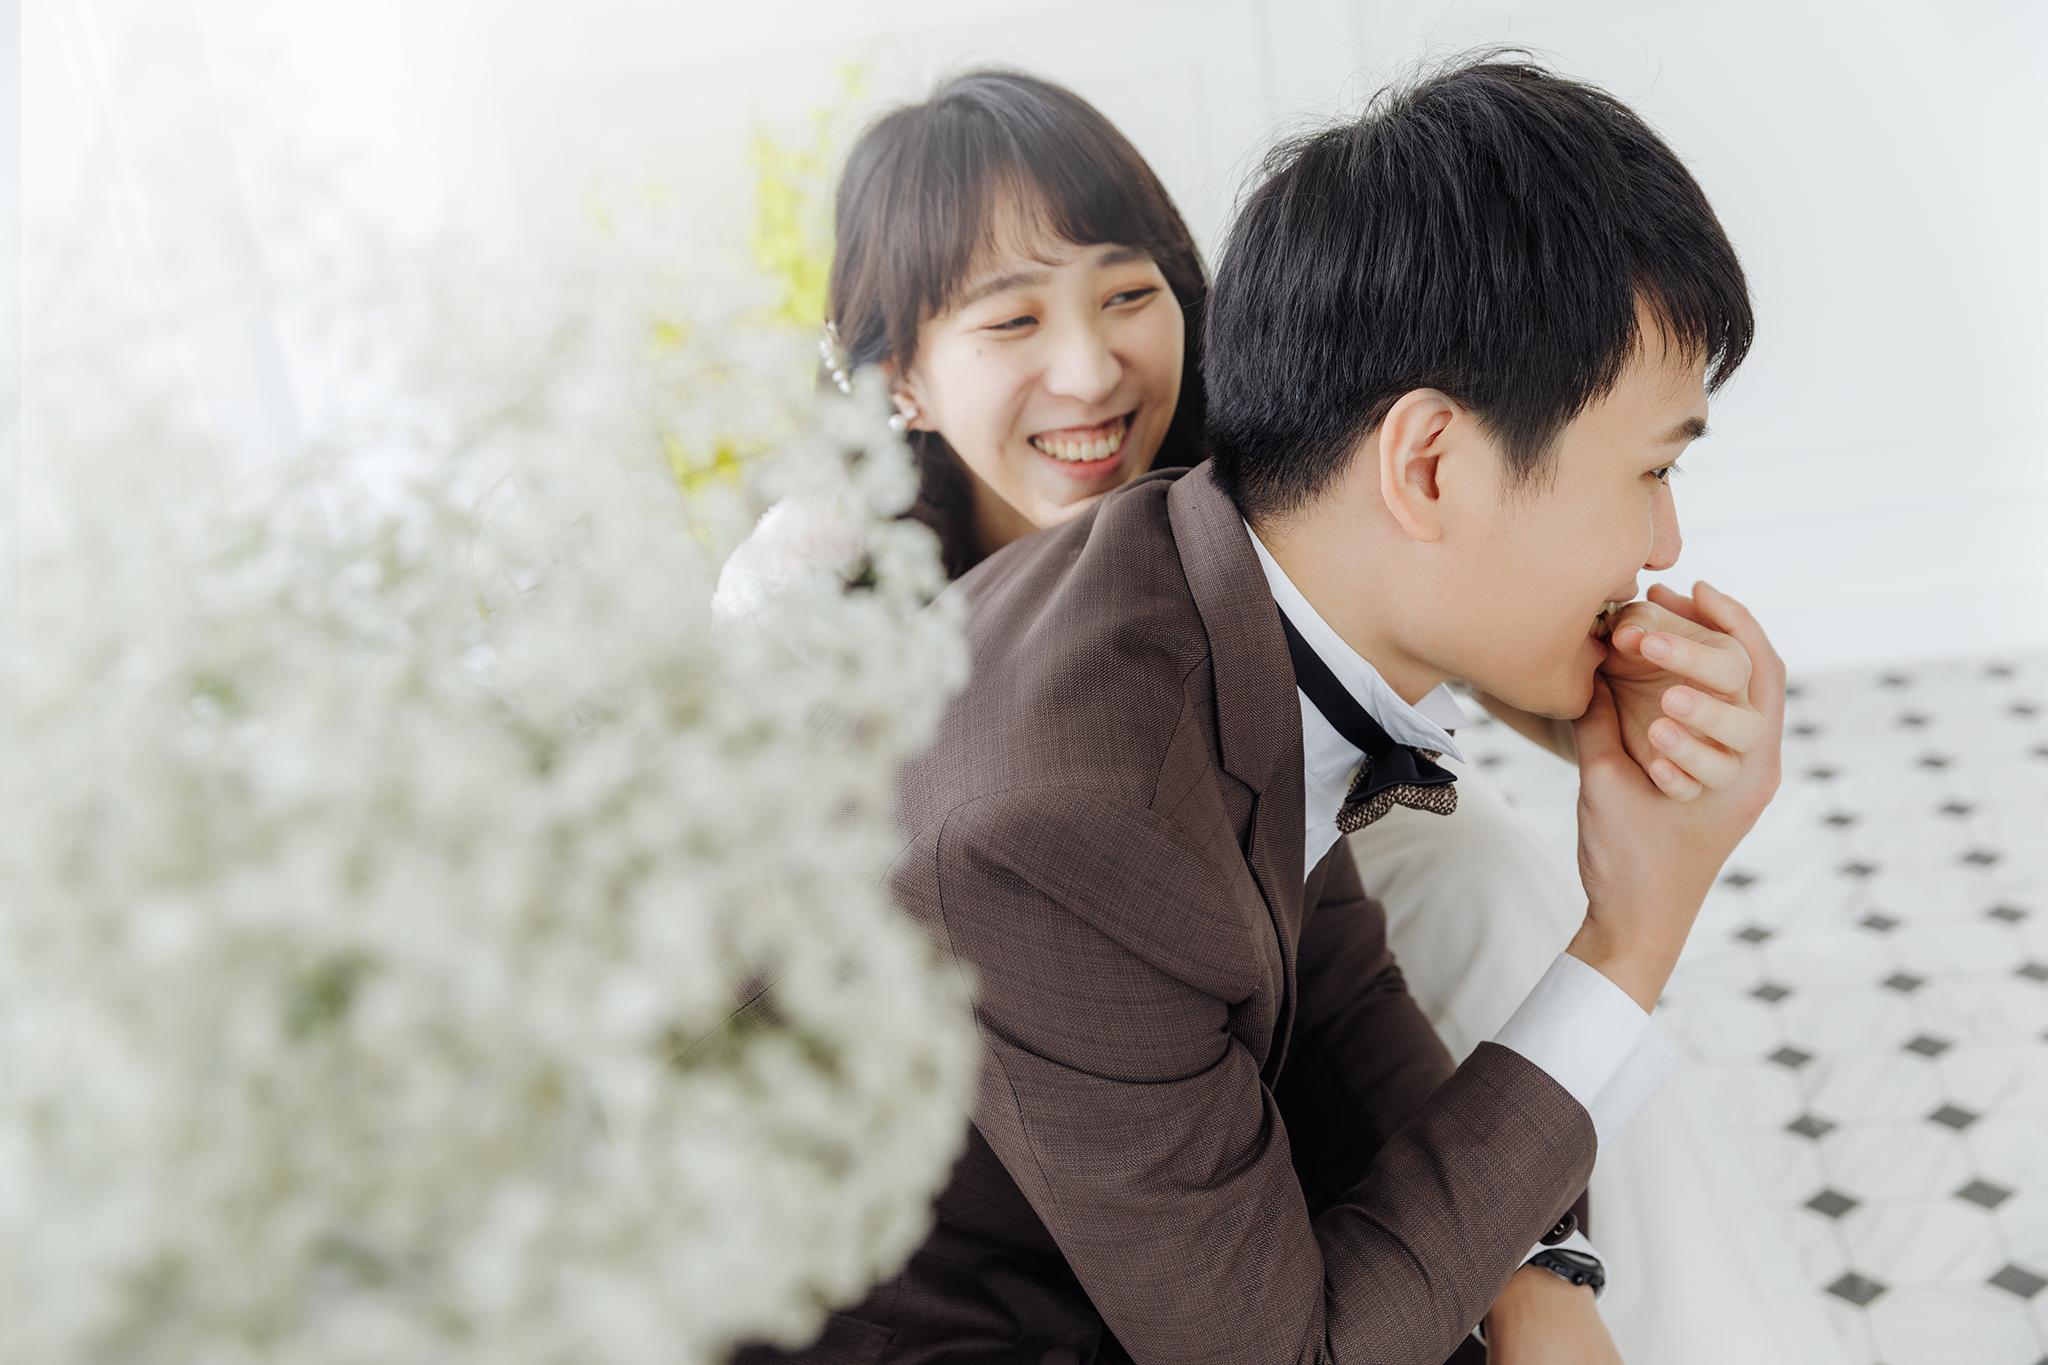 49822625081 ef4b075090 o - 【自助婚紗】+復羽&千倫+